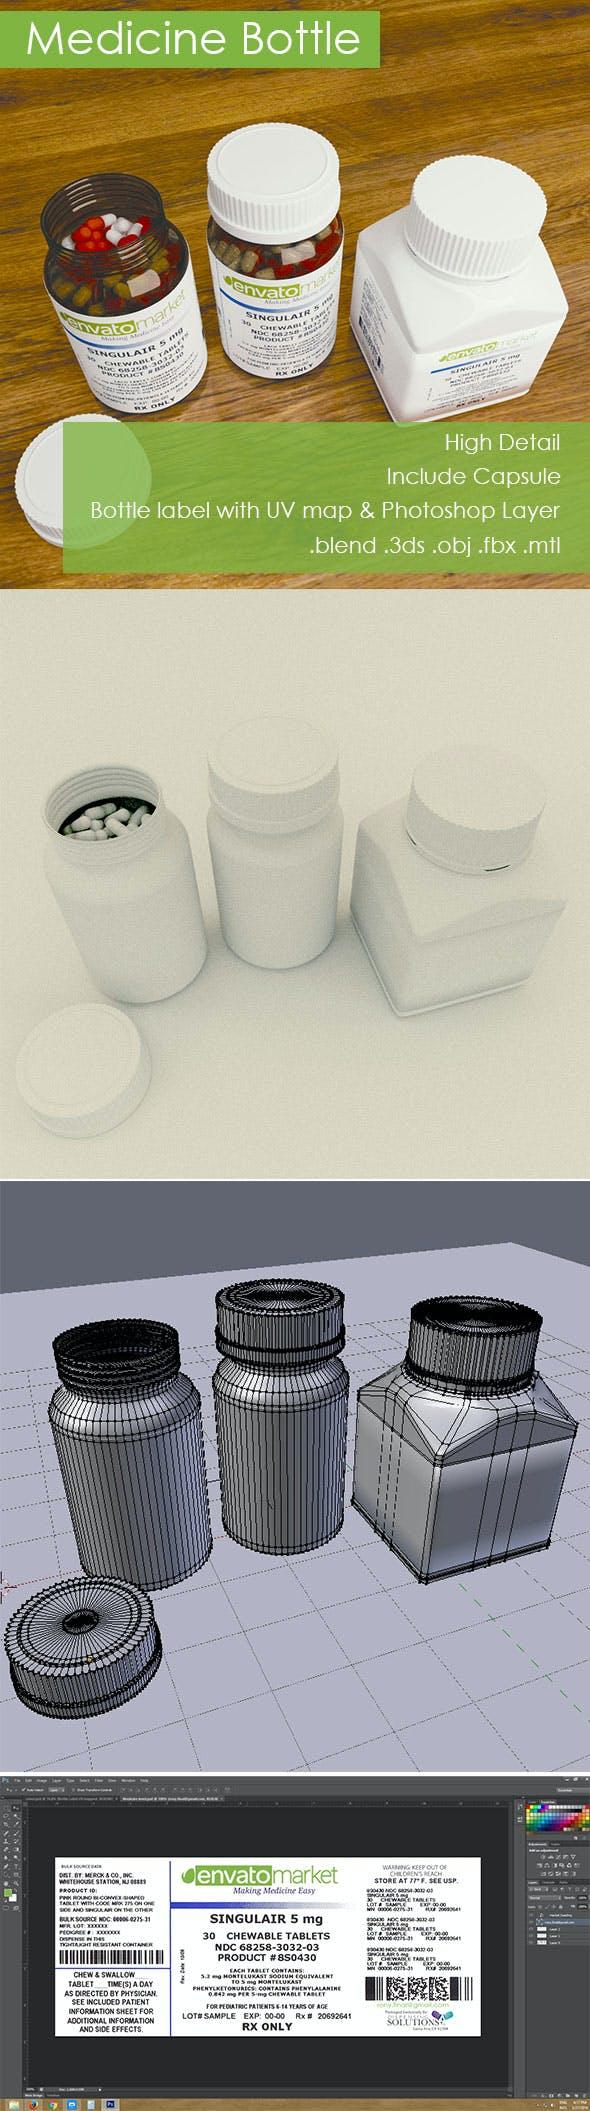 3D Medicine Bottle - 3DOcean Item for Sale